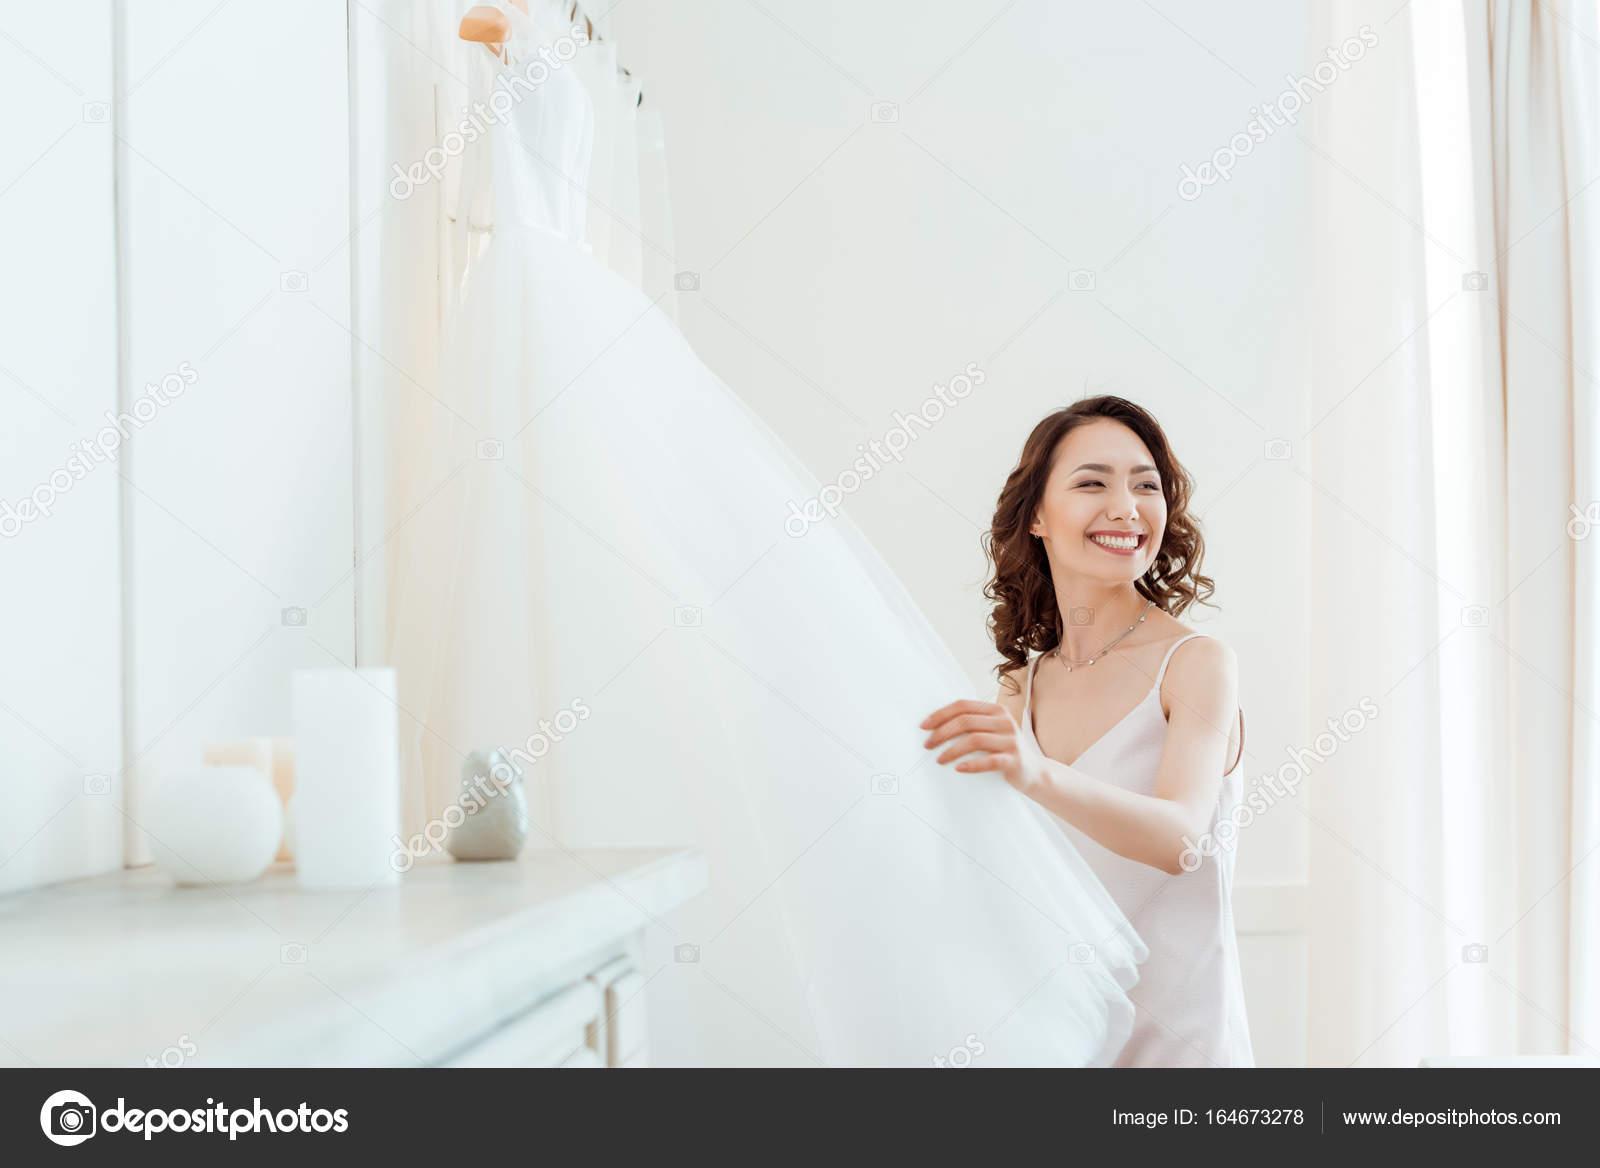 Asiatin mit Brautkleid — Stockfoto © NatashaFedorova #164673278